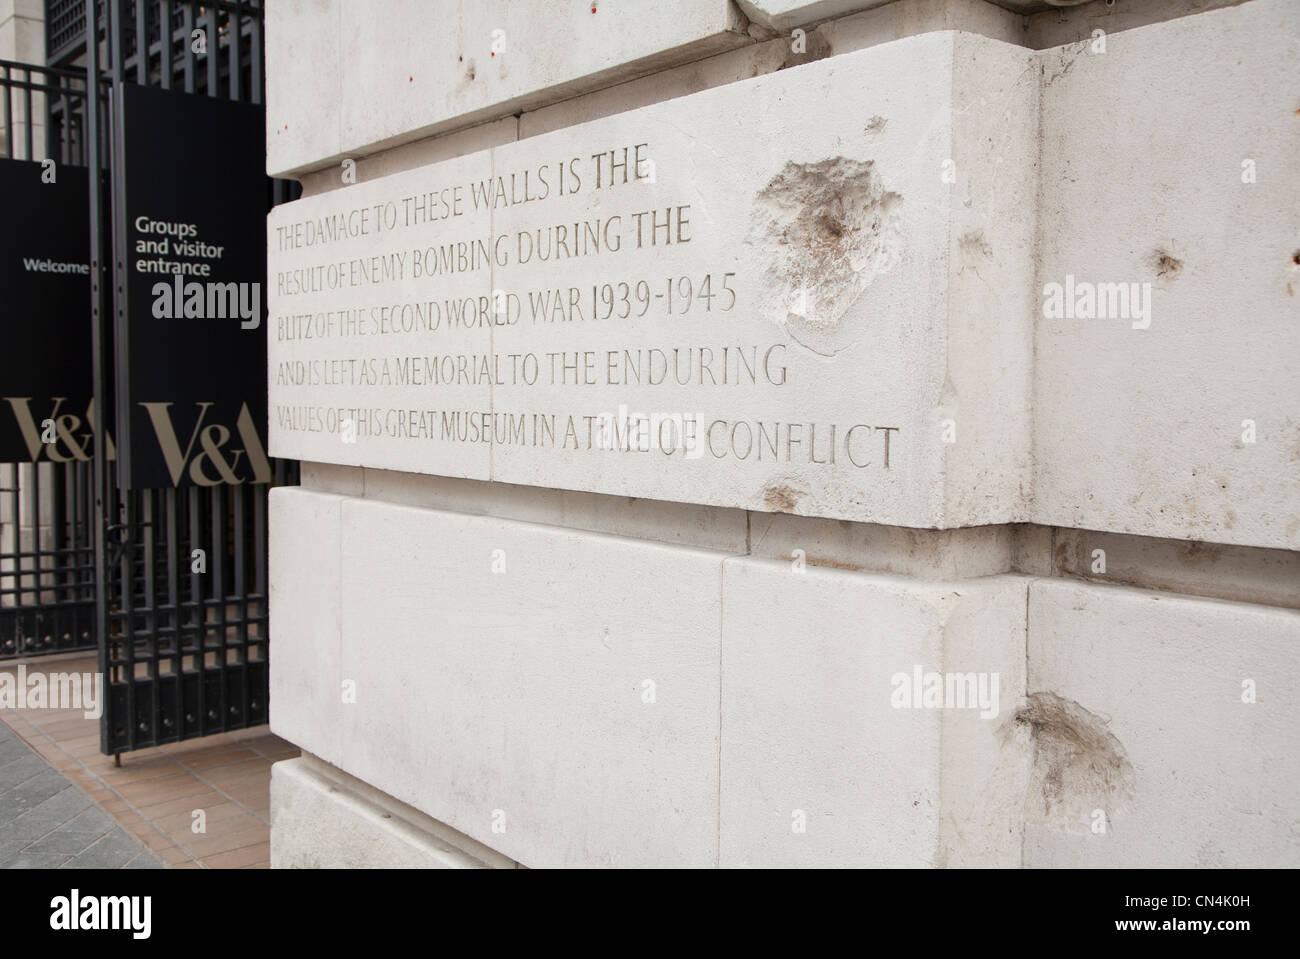 L'extérieur de la paroi endommagée bombe Victoria and Albert Museum de Londres La Grande-Bretagne Photo Stock